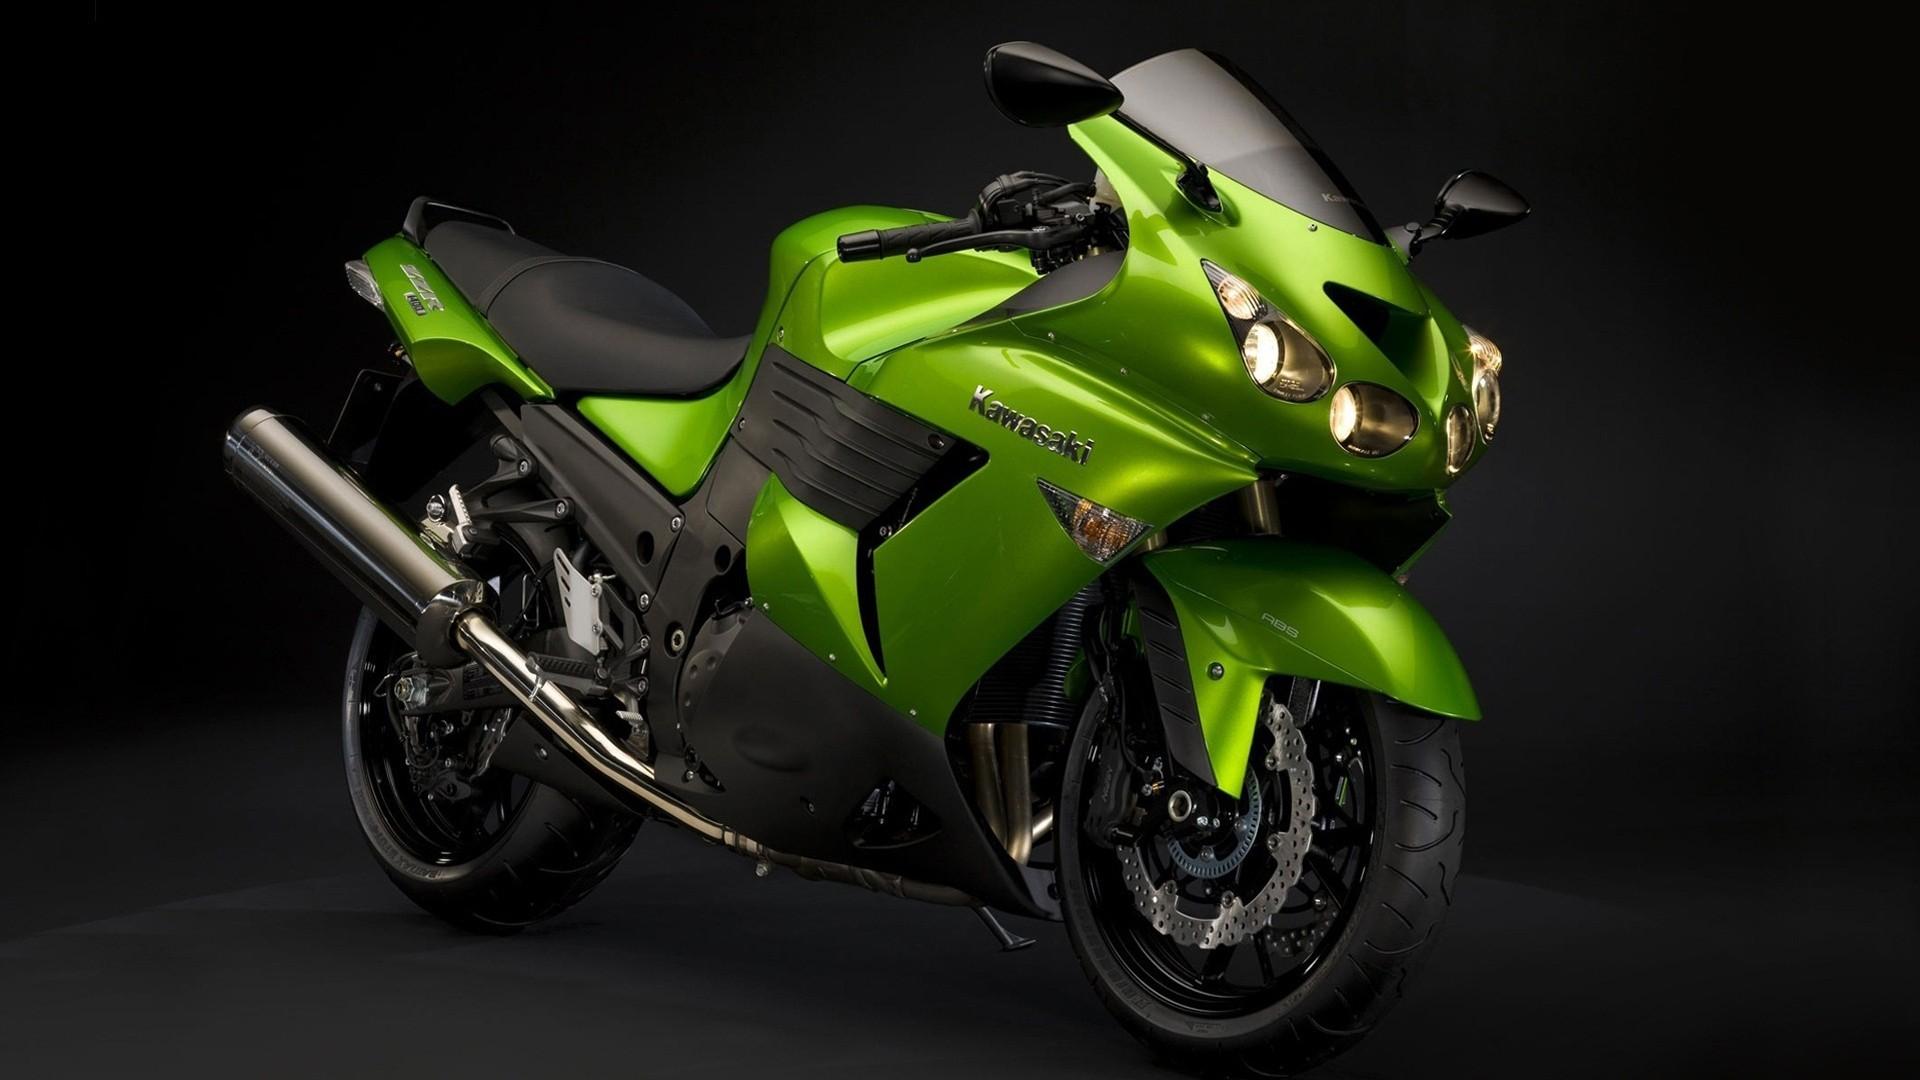 чем перевозка красивые фото мотоцикла кавасаки можете почувствовать